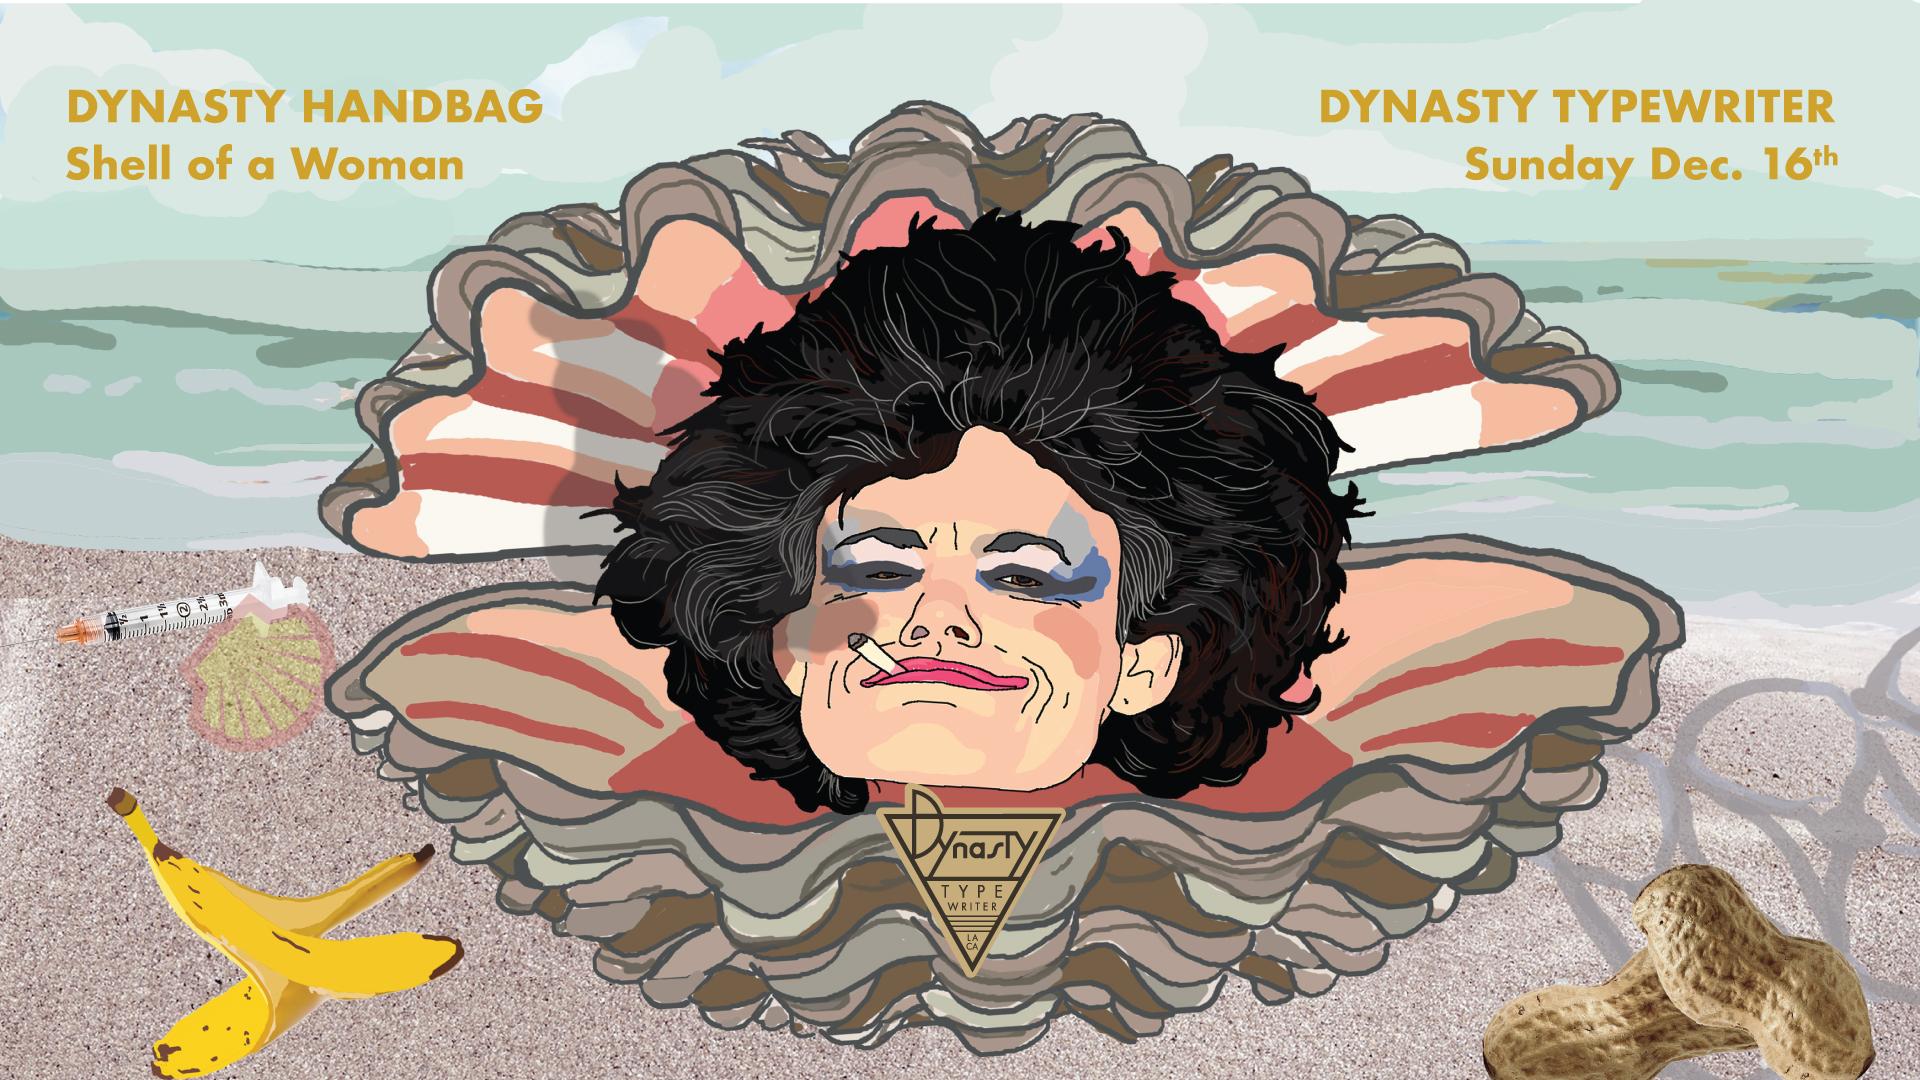 dynastyhandbag_banner_v2.jpg